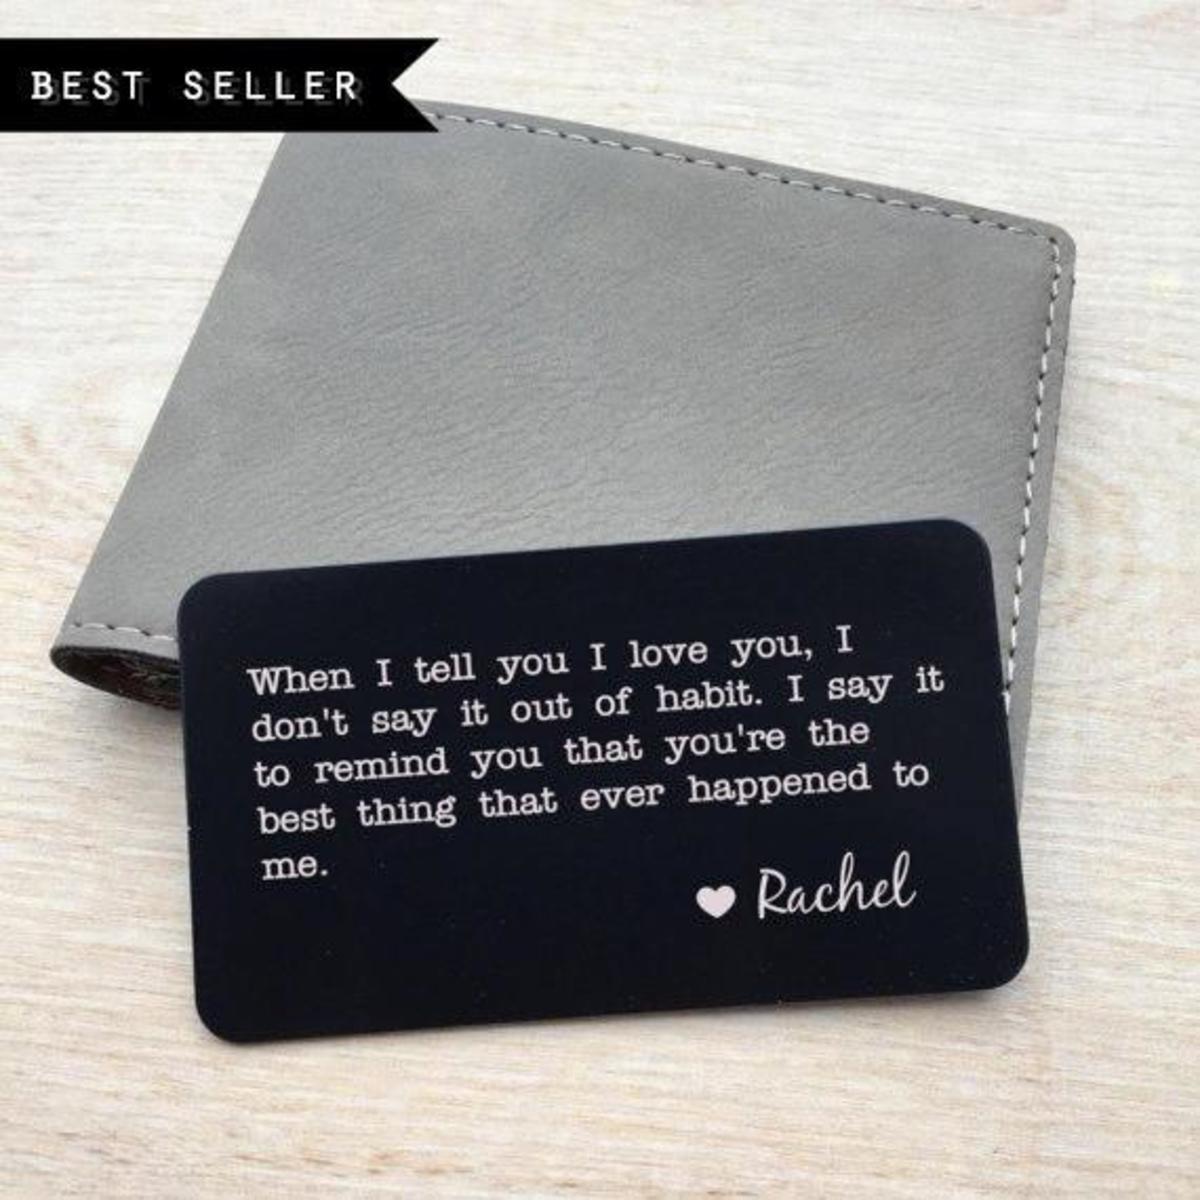 Personalised wallet card